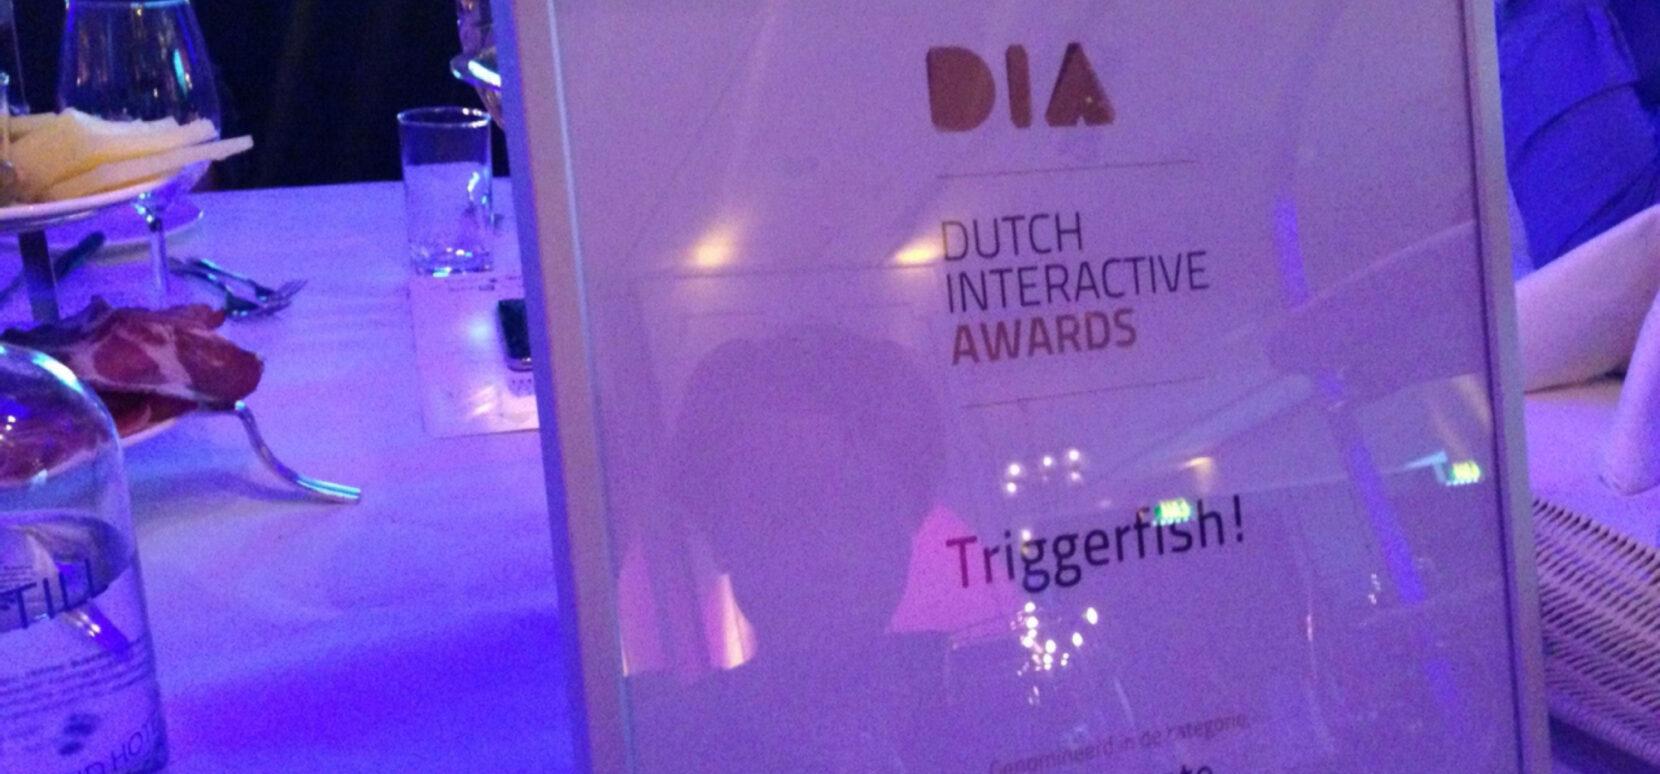 Award winning website 2